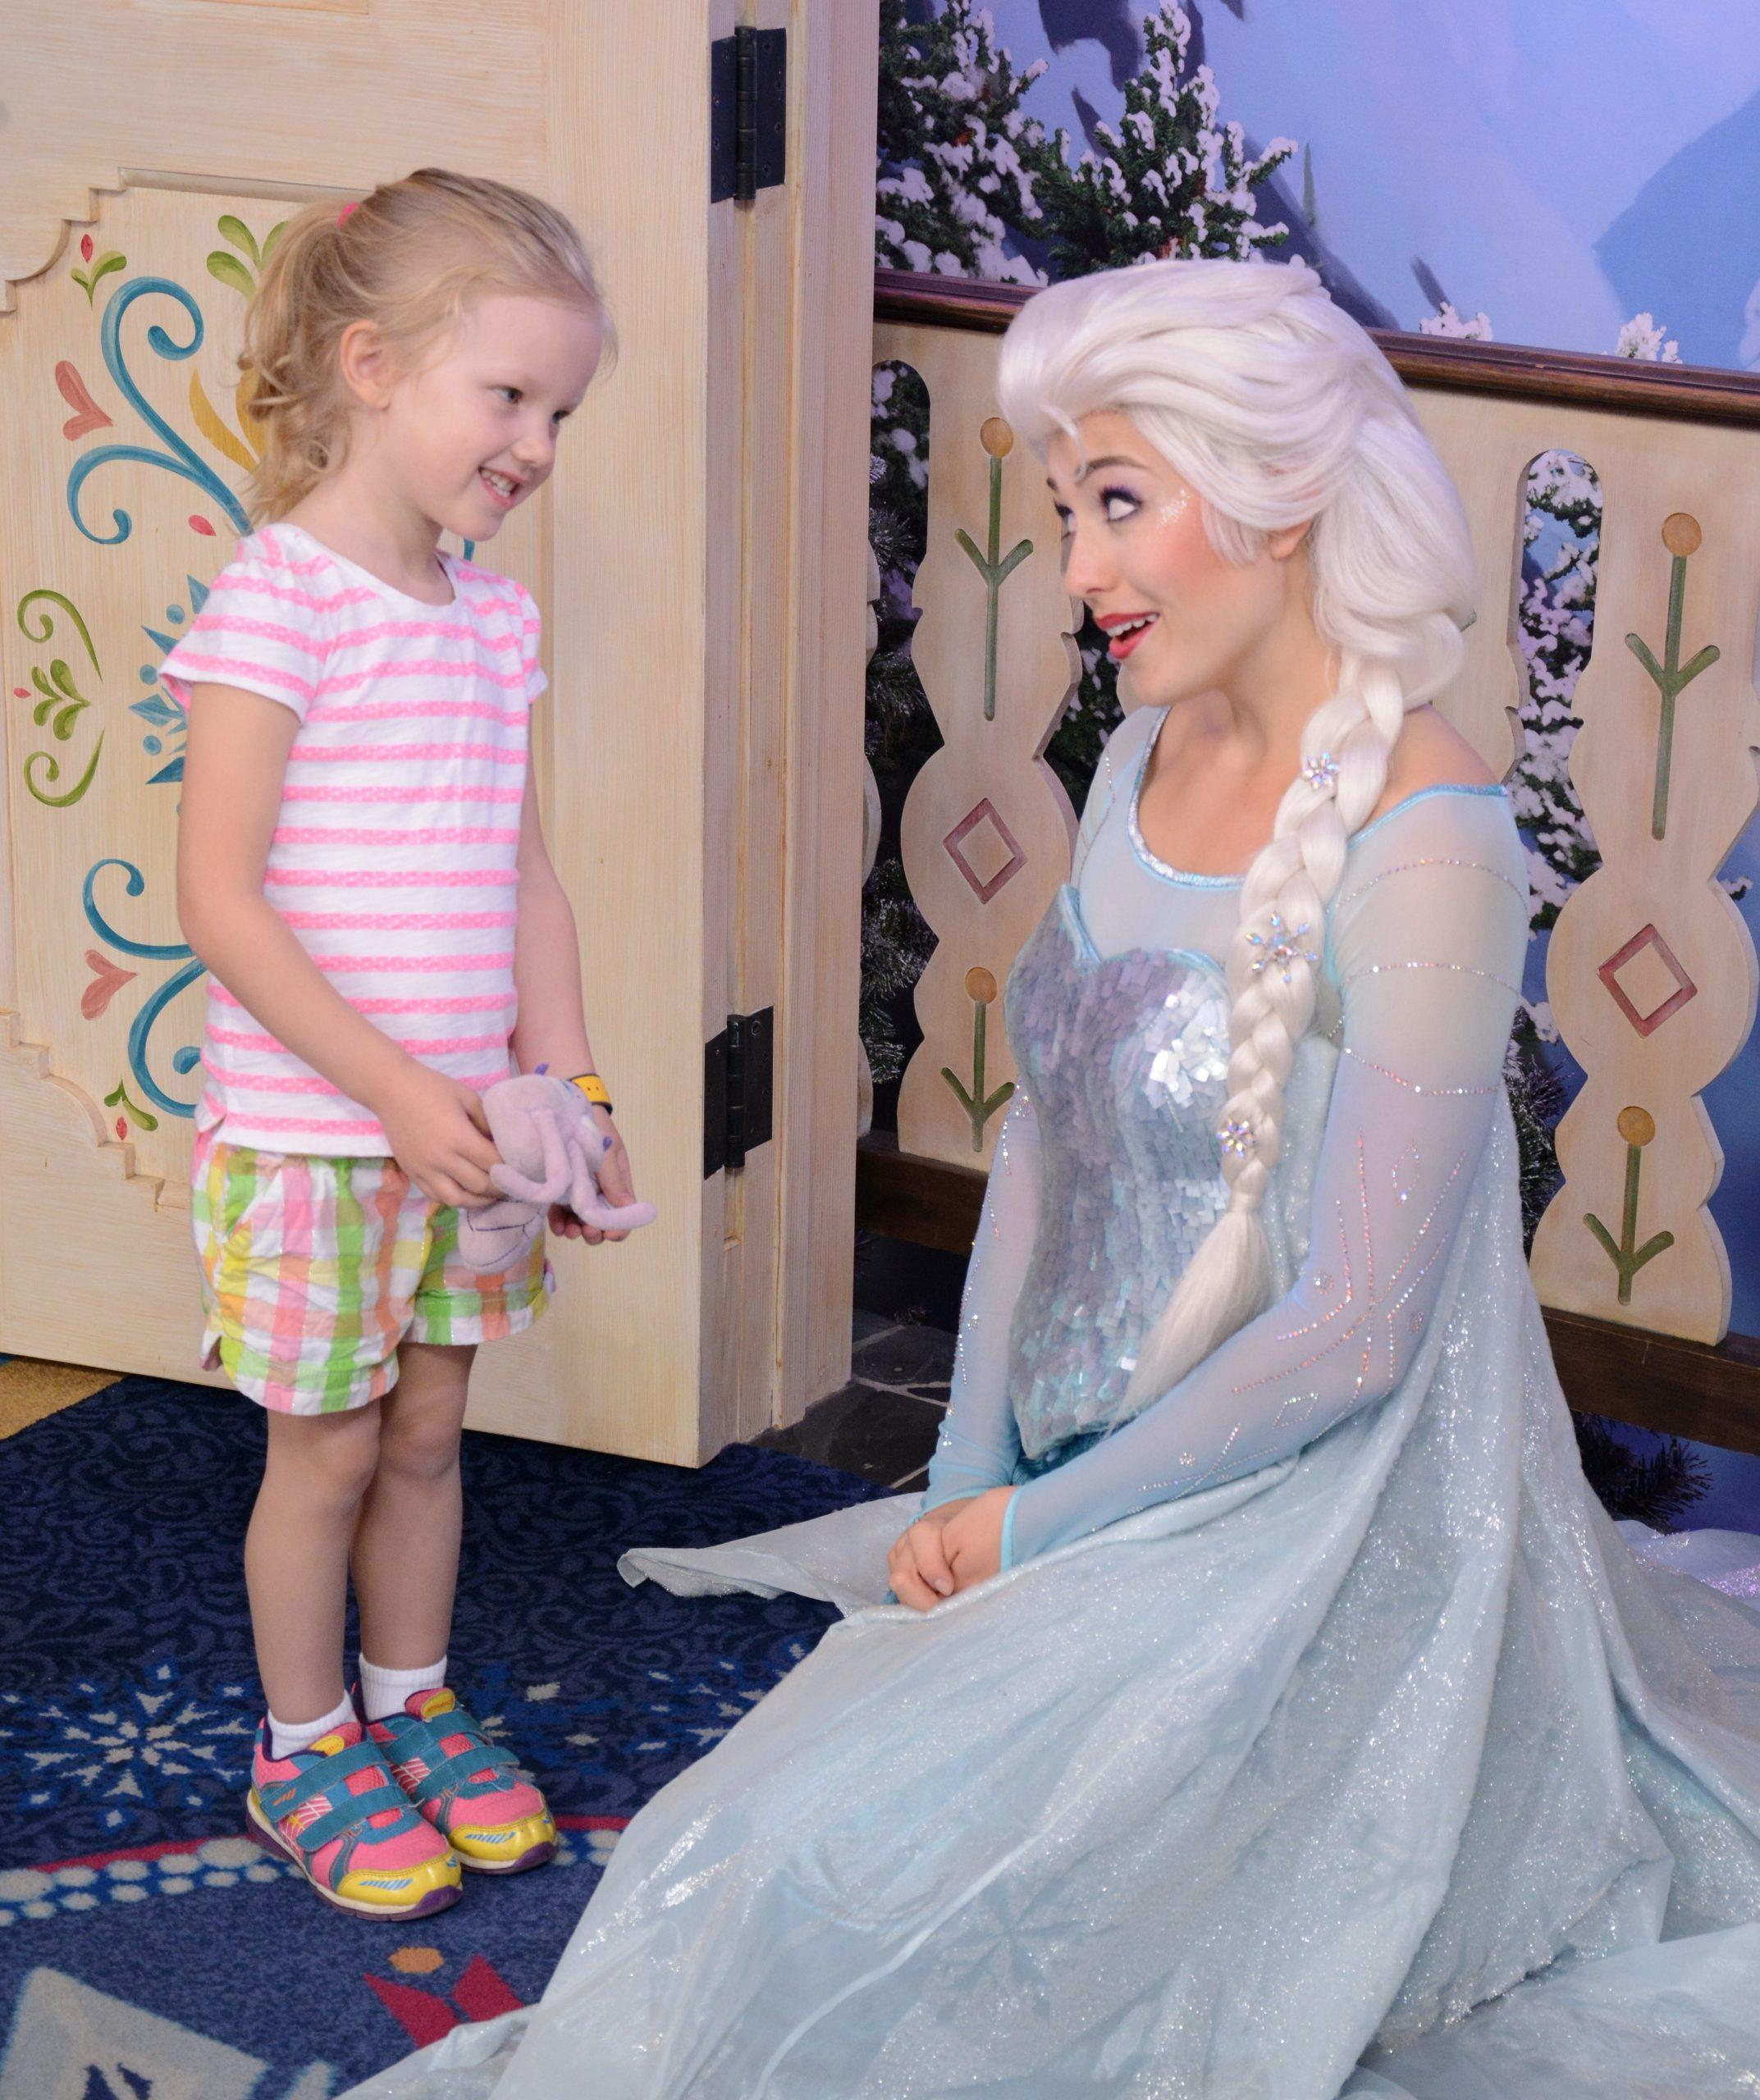 Little girl meeting Elsa